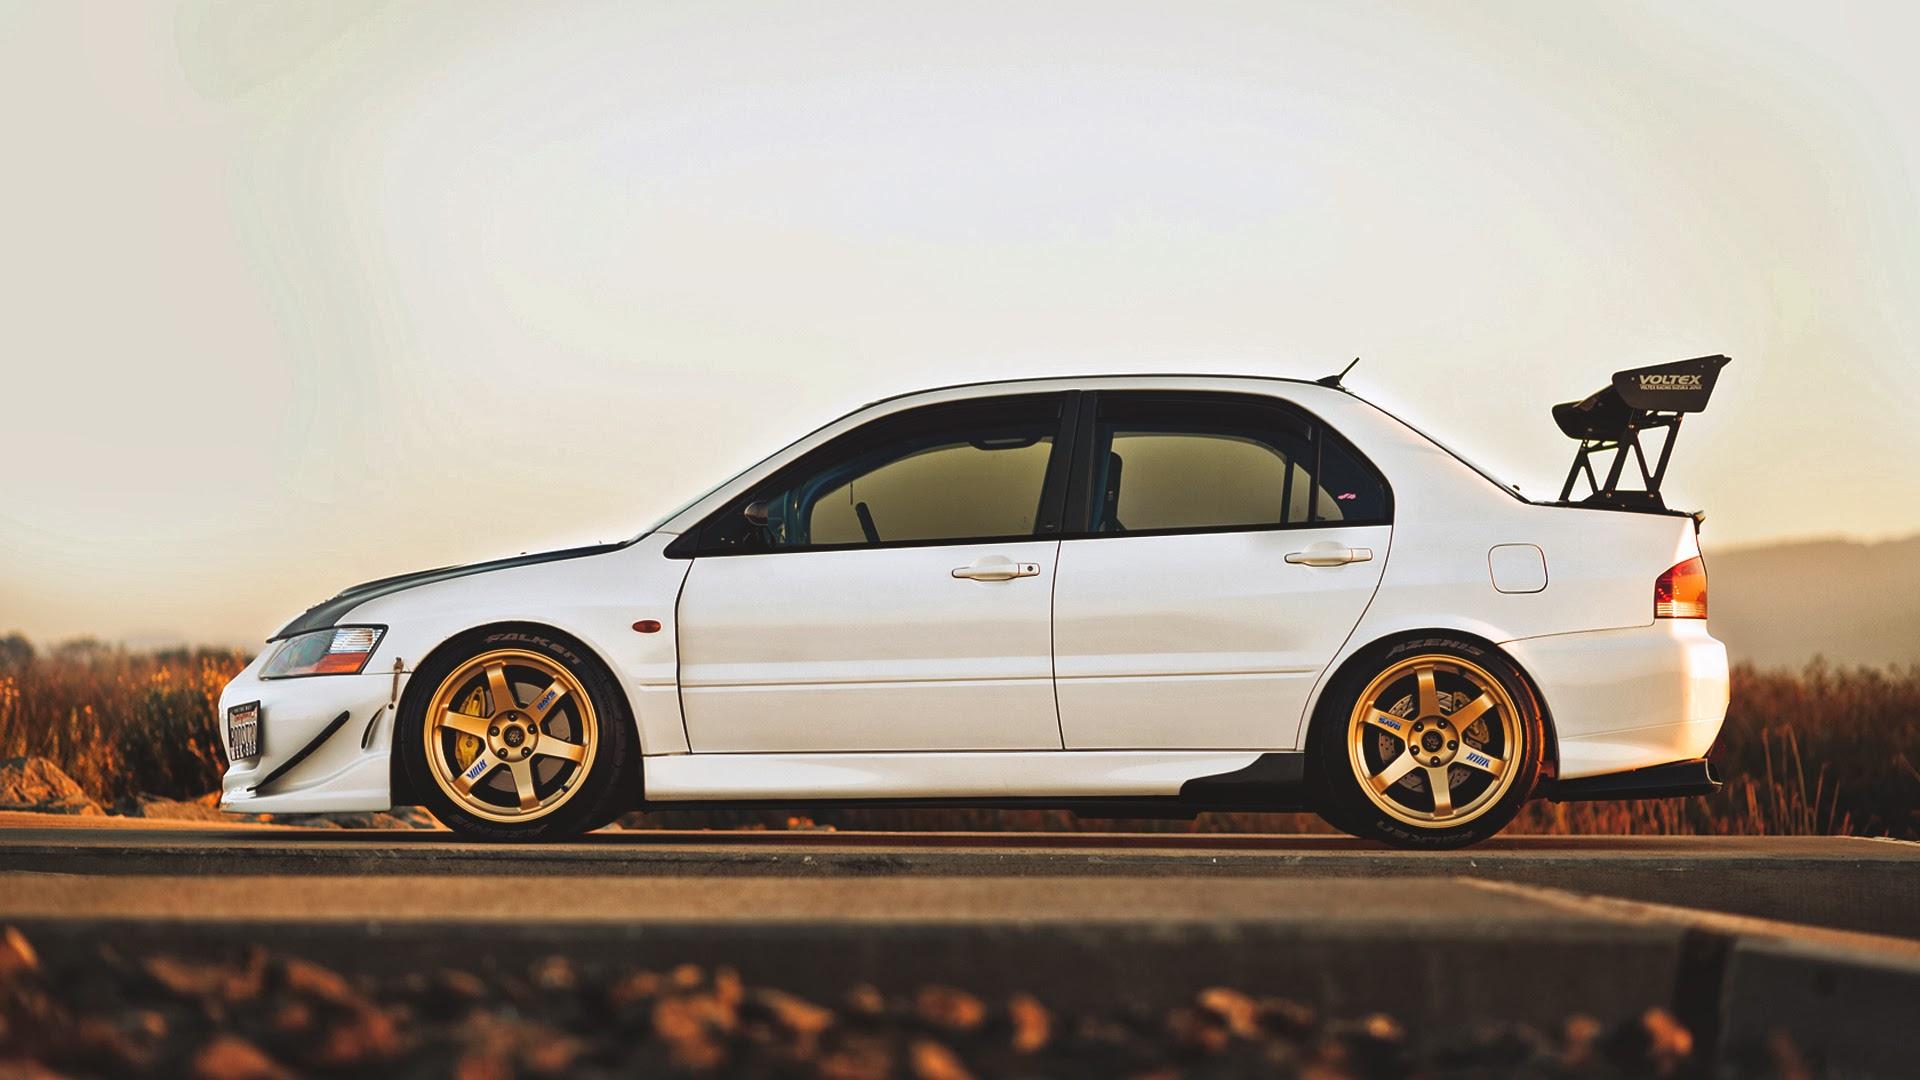 Honda Civic Si 00 Fotos de Carros Mitsubishi Lancer Evolution Tuneados